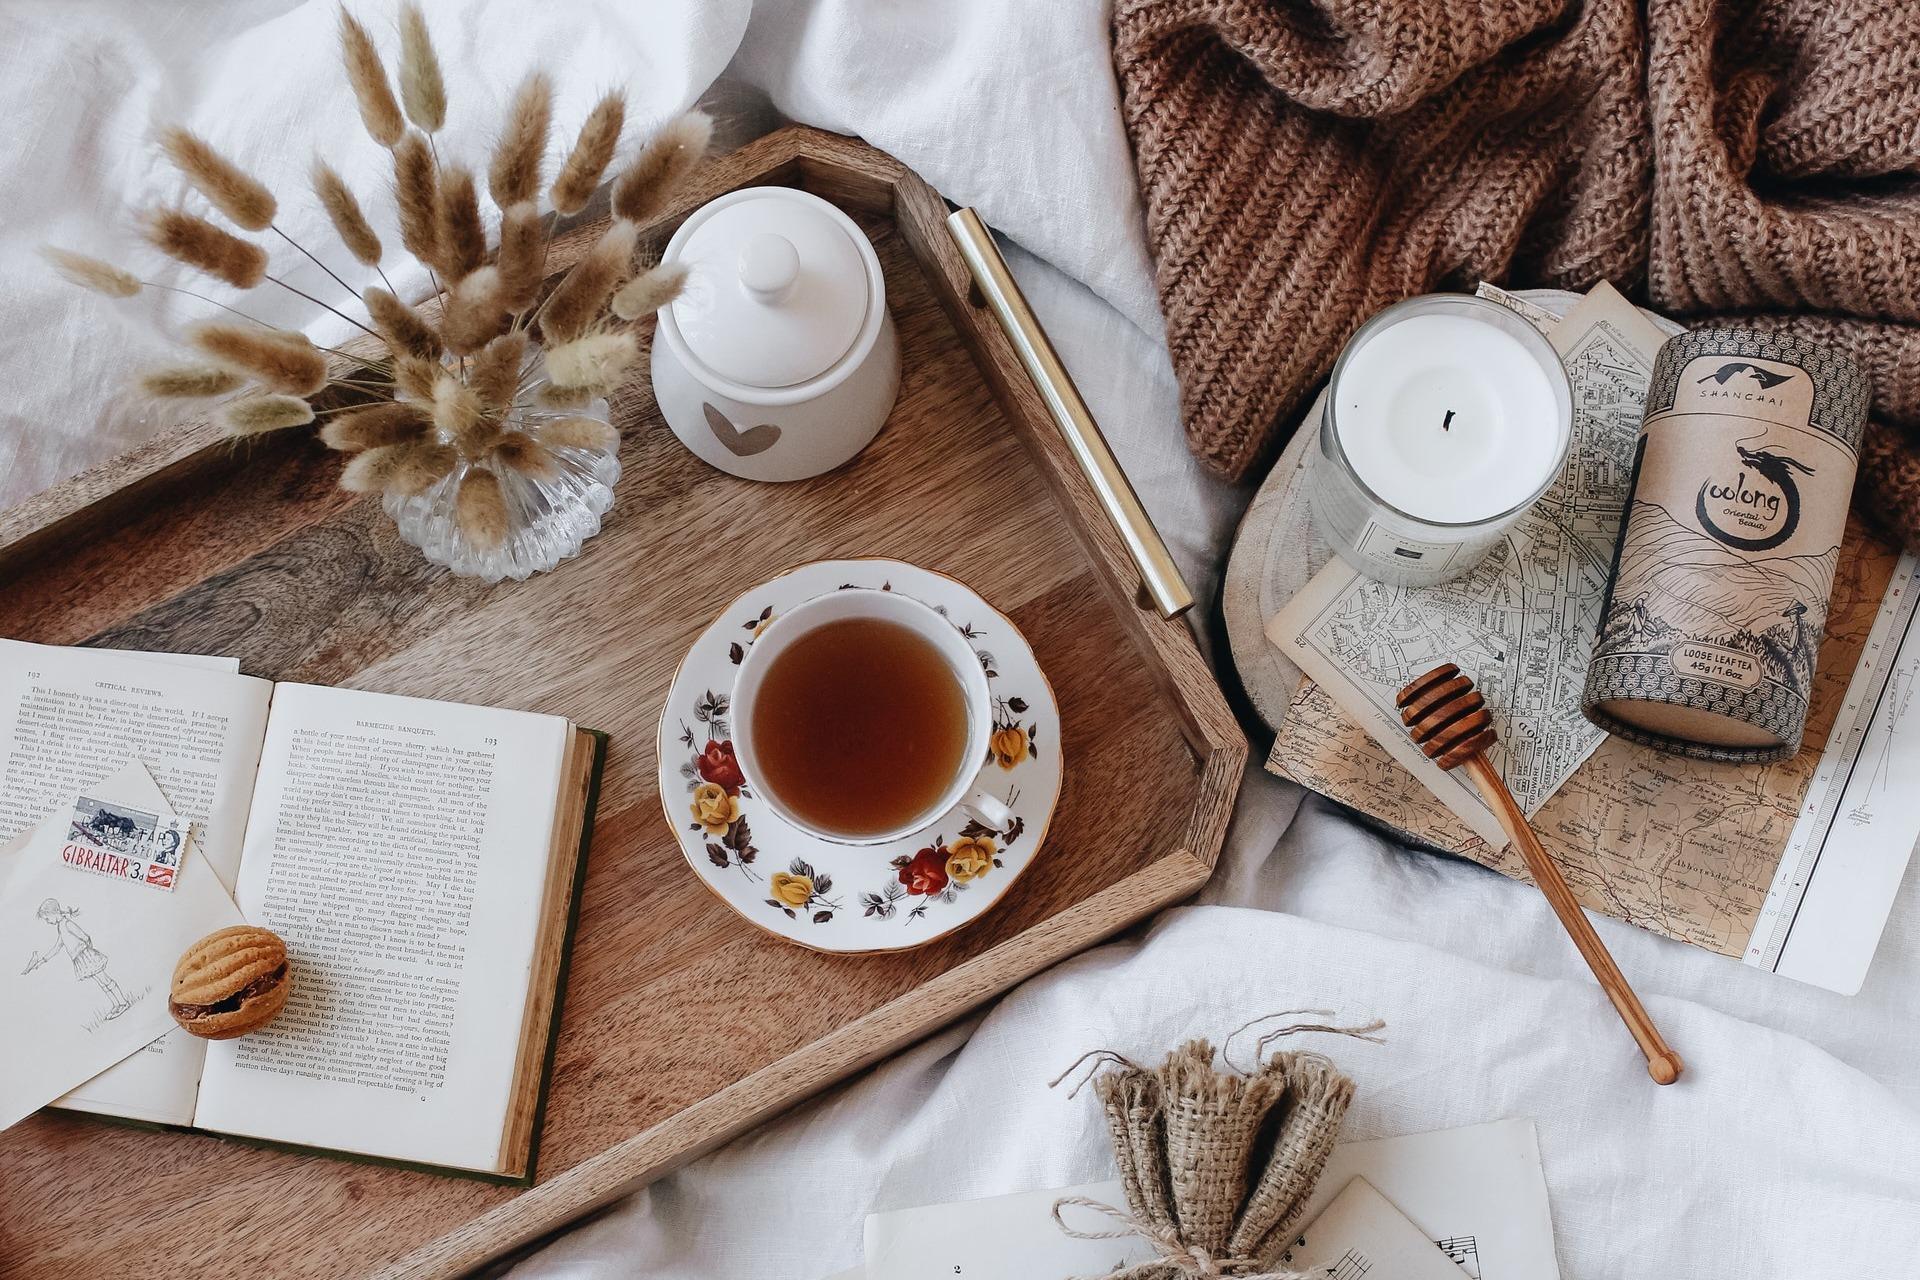 該怎麼使用防疫茶保健配圖